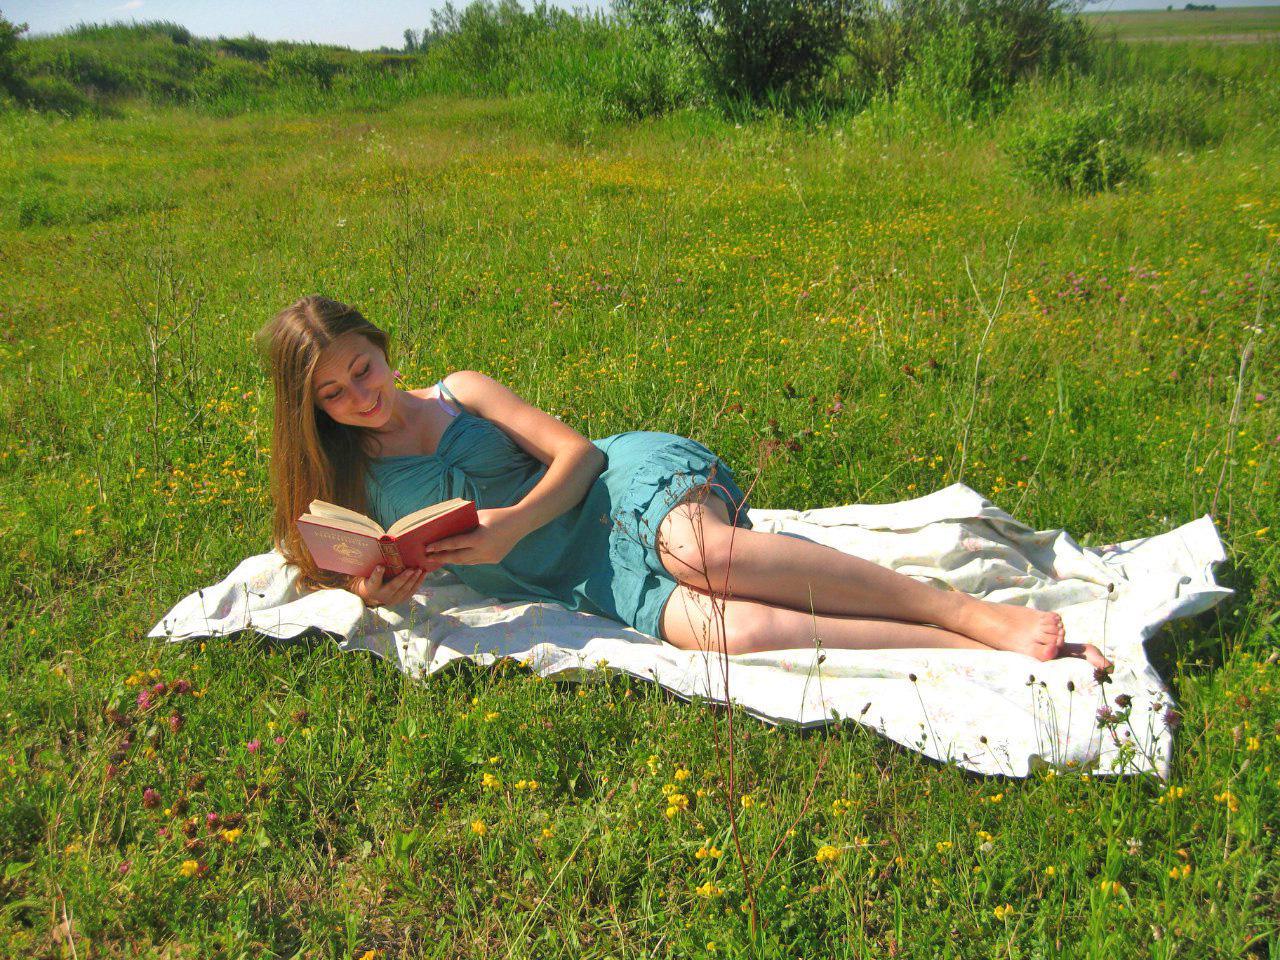 Фото девушки с книгой  на траве